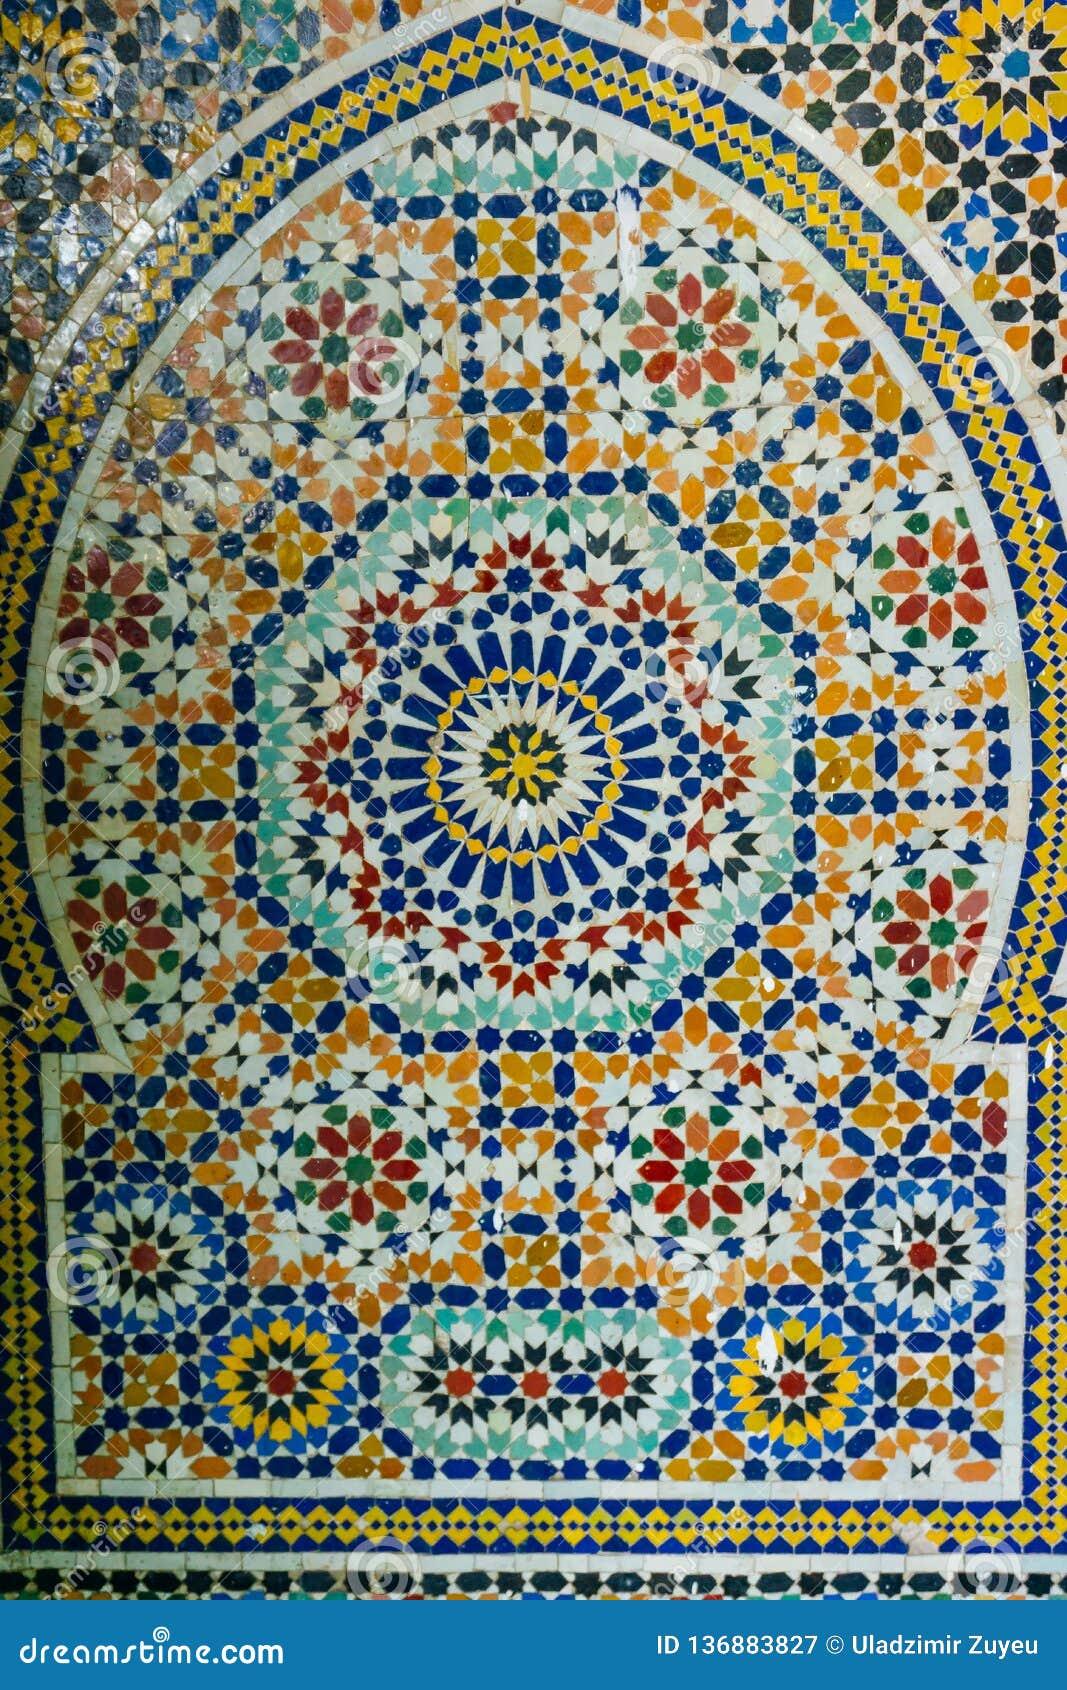 阿拉伯样式,东方伊斯兰教的装饰品 摩洛哥瓦片或者摩洛哥zellij传统马赛克